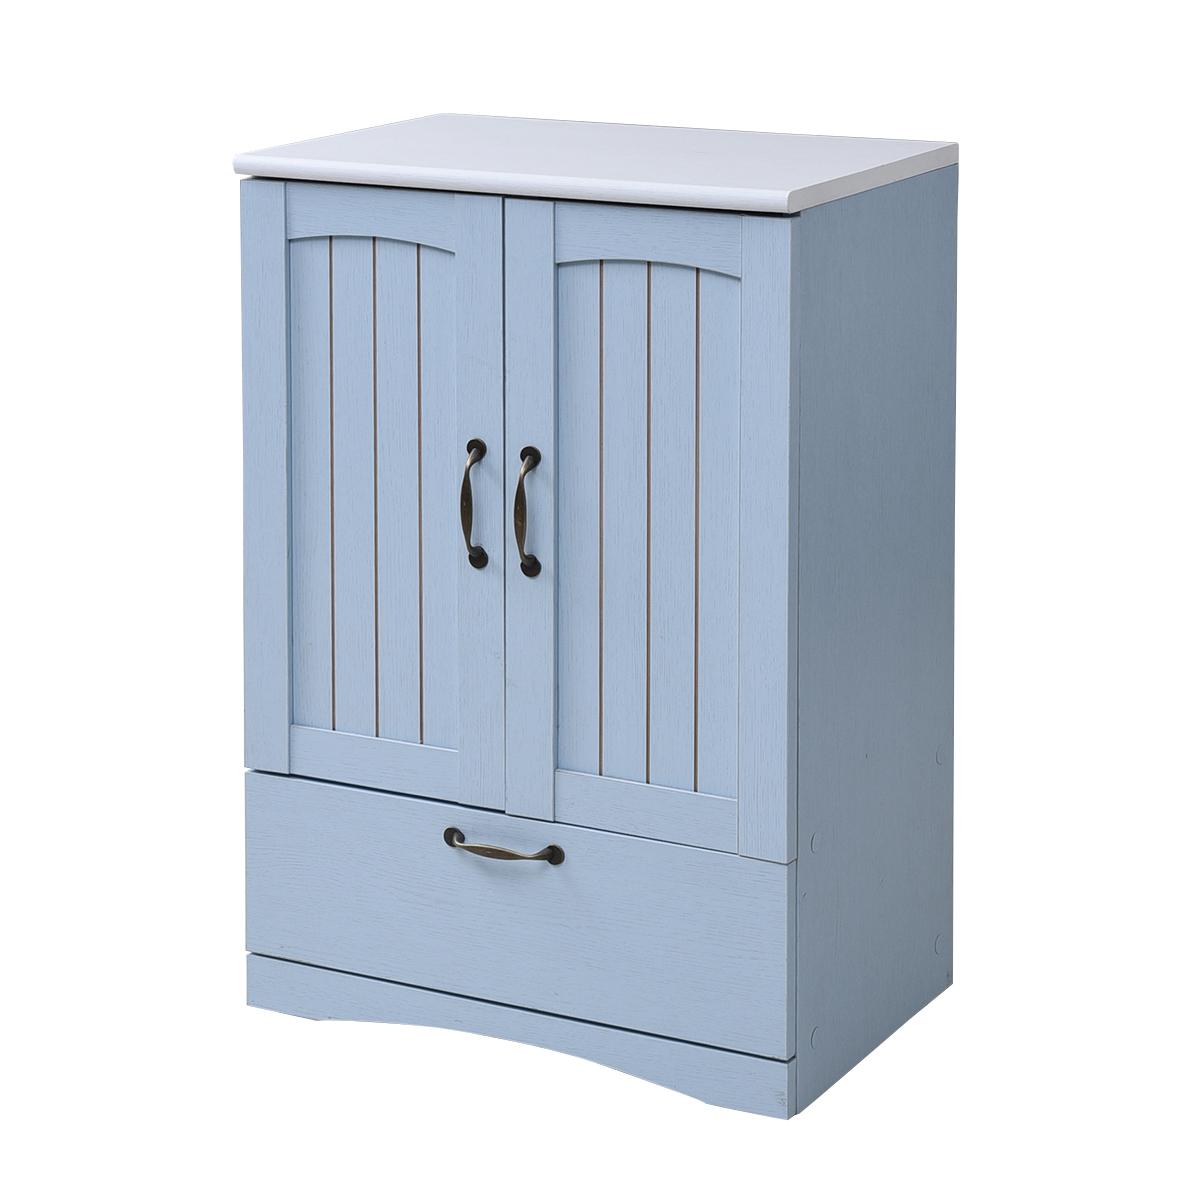 フレンチカントリー家具 チェスト&キャビネット 幅60 フレンチスタイル ブルー&ホワイト 激安セール アウトレット価格 人気ランキング